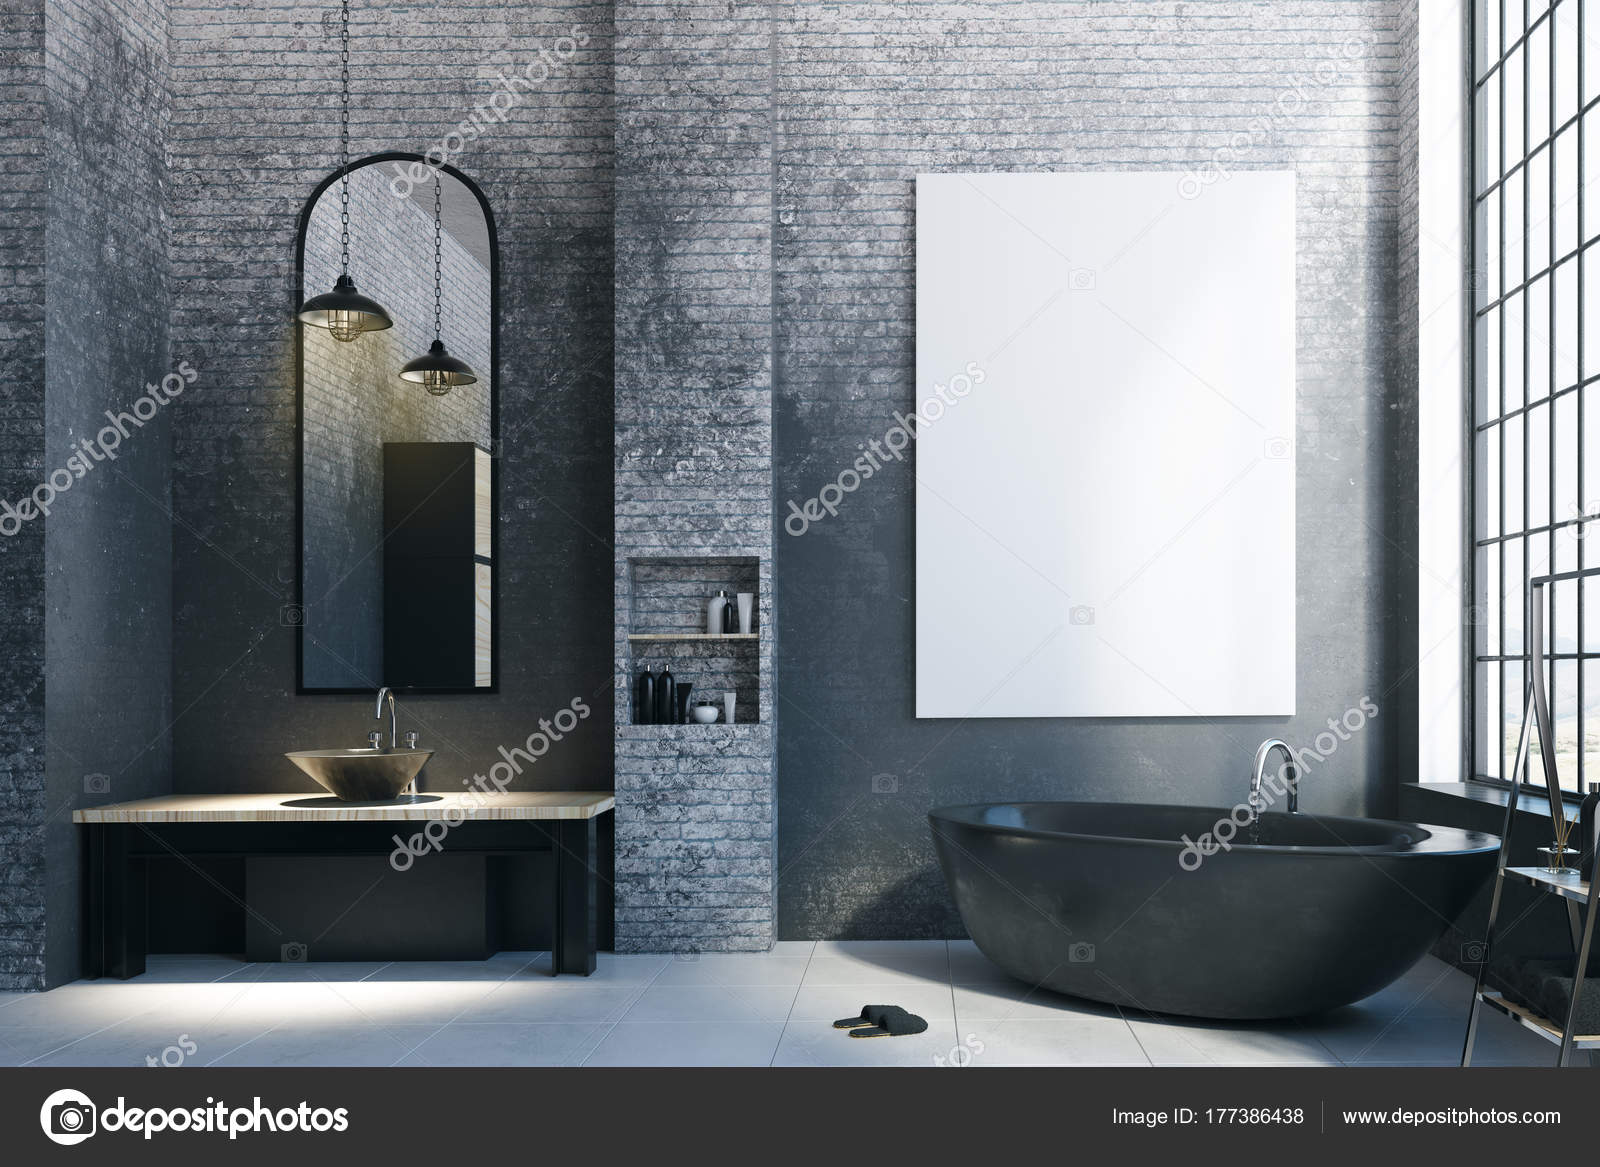 Salle De Bain Et Dressing Dans Chambre ~ Salle De Bain Loft Moderne Avec Panneau D Affichage Vide